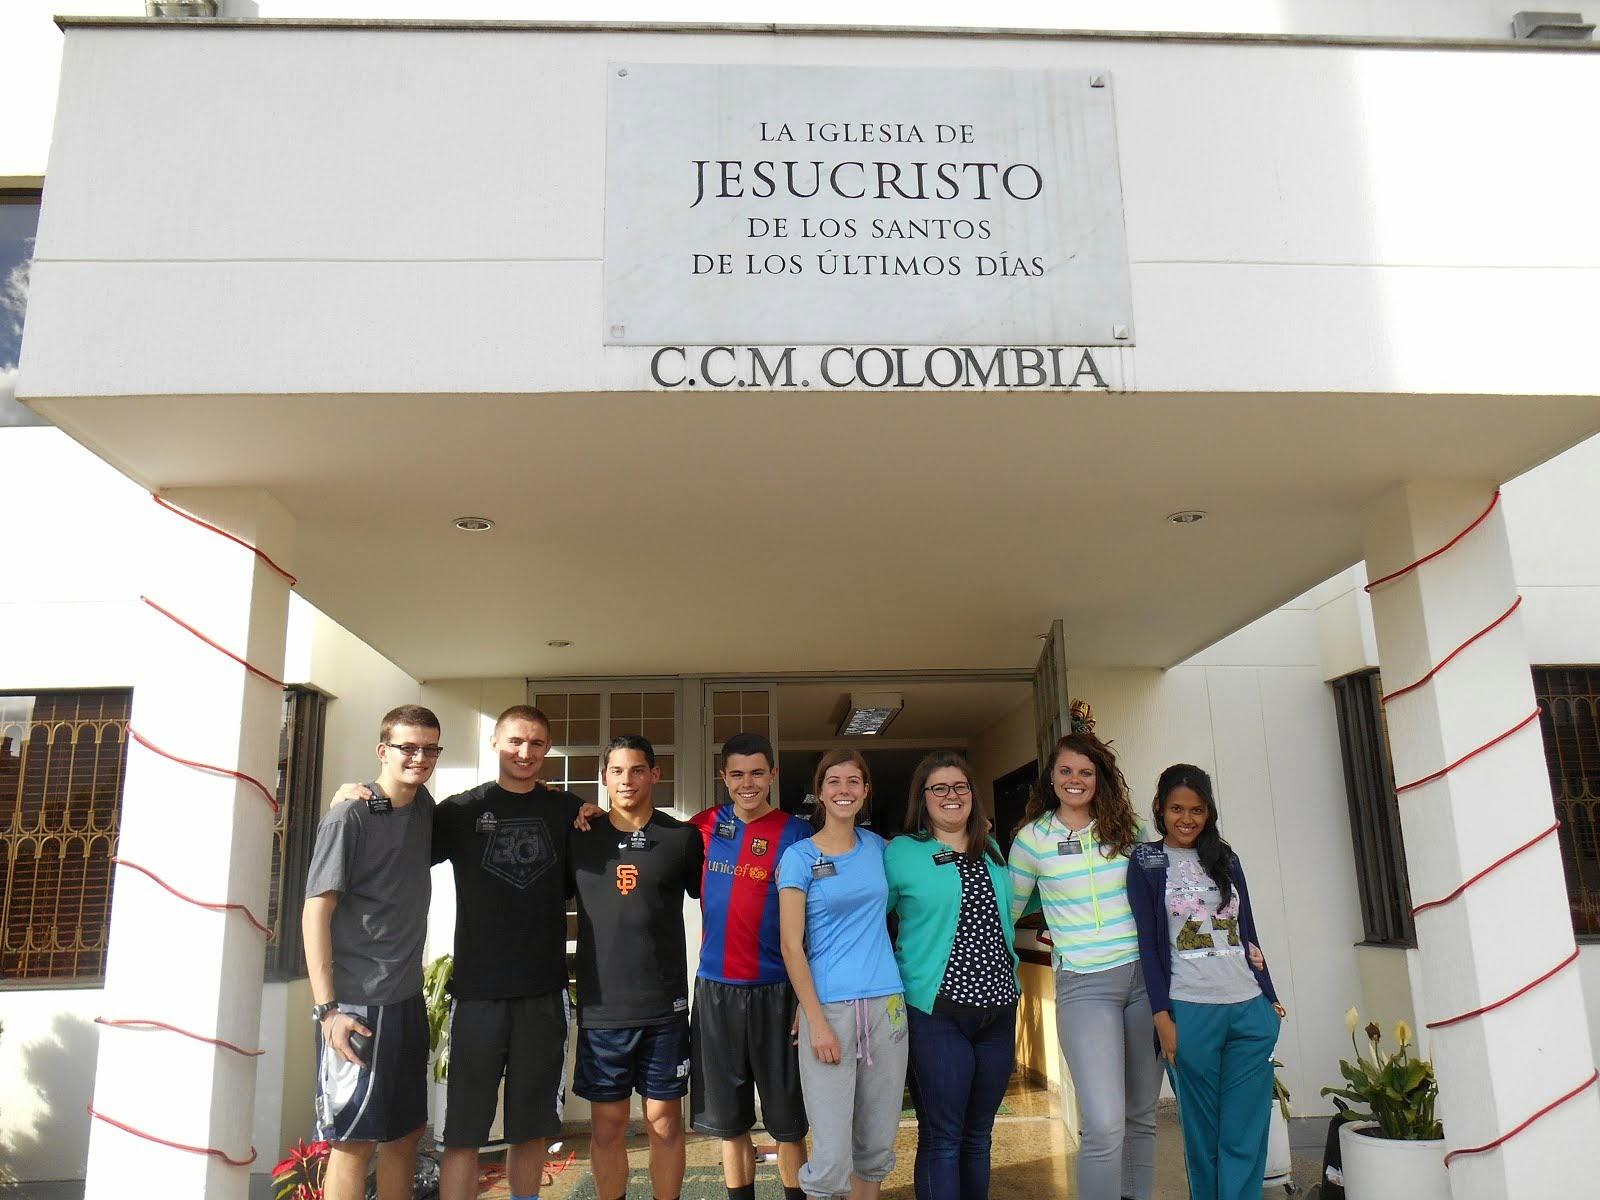 CCM Columbia